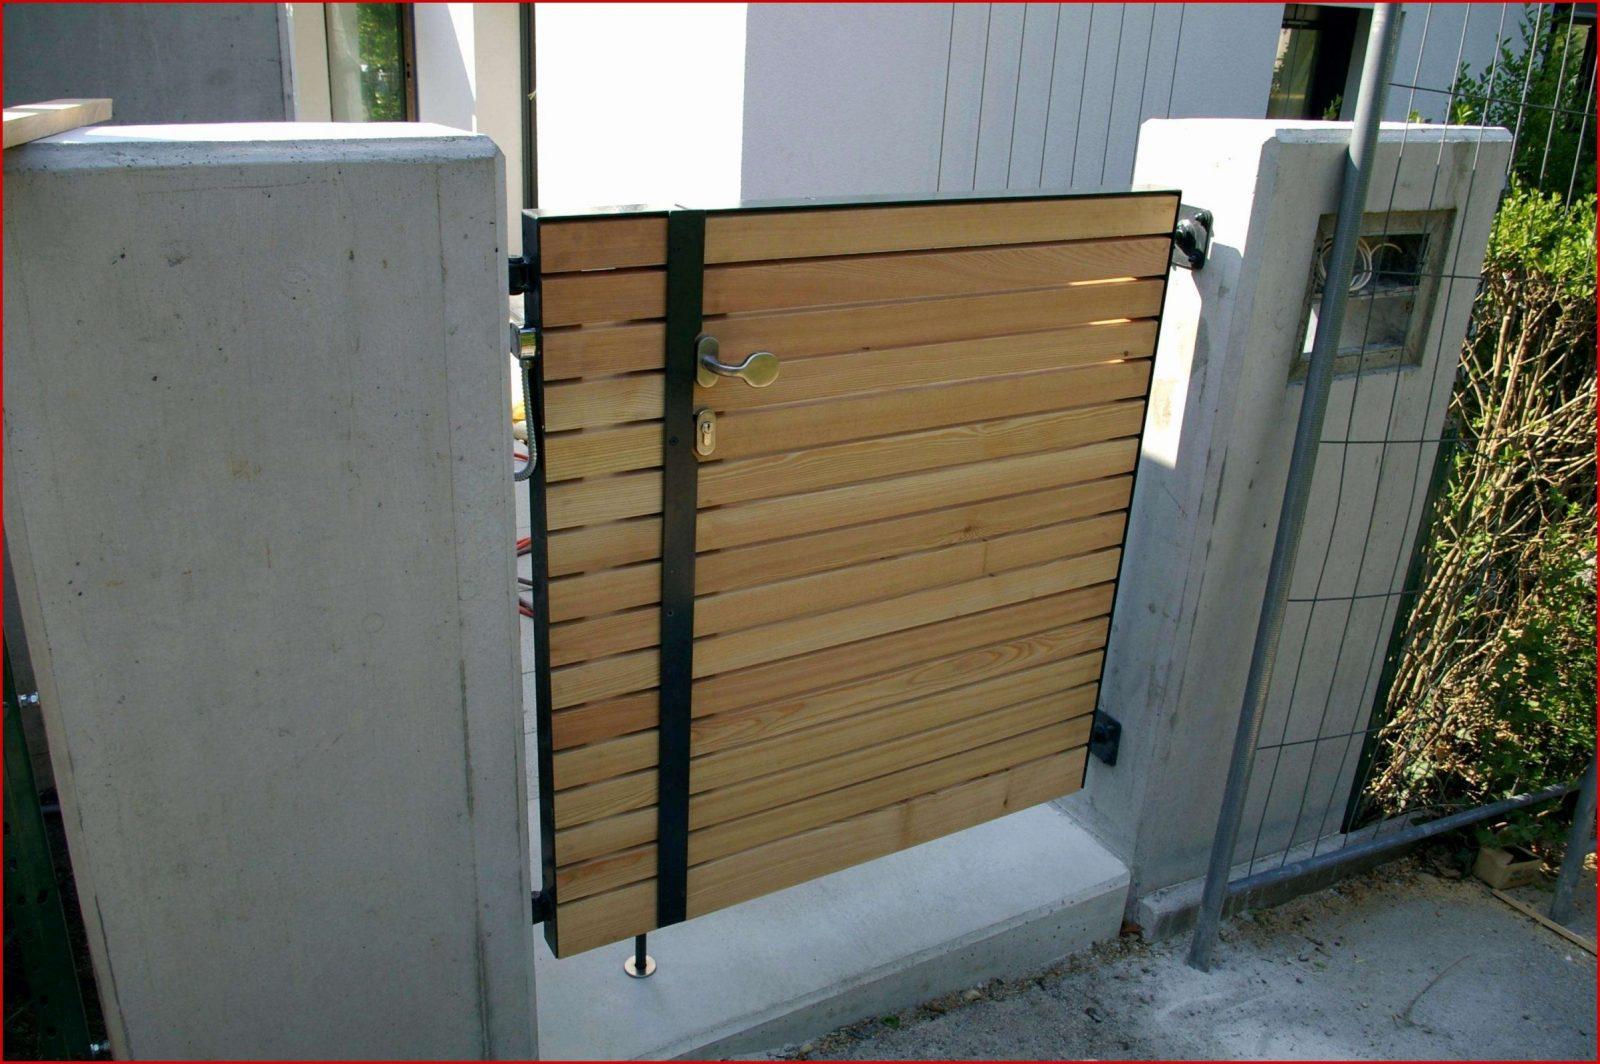 Gartentor Selber Bauen Holz Designideen Von Zaun Bauen Anleitung von Gartentor Selber Bauen Anleitung Bild